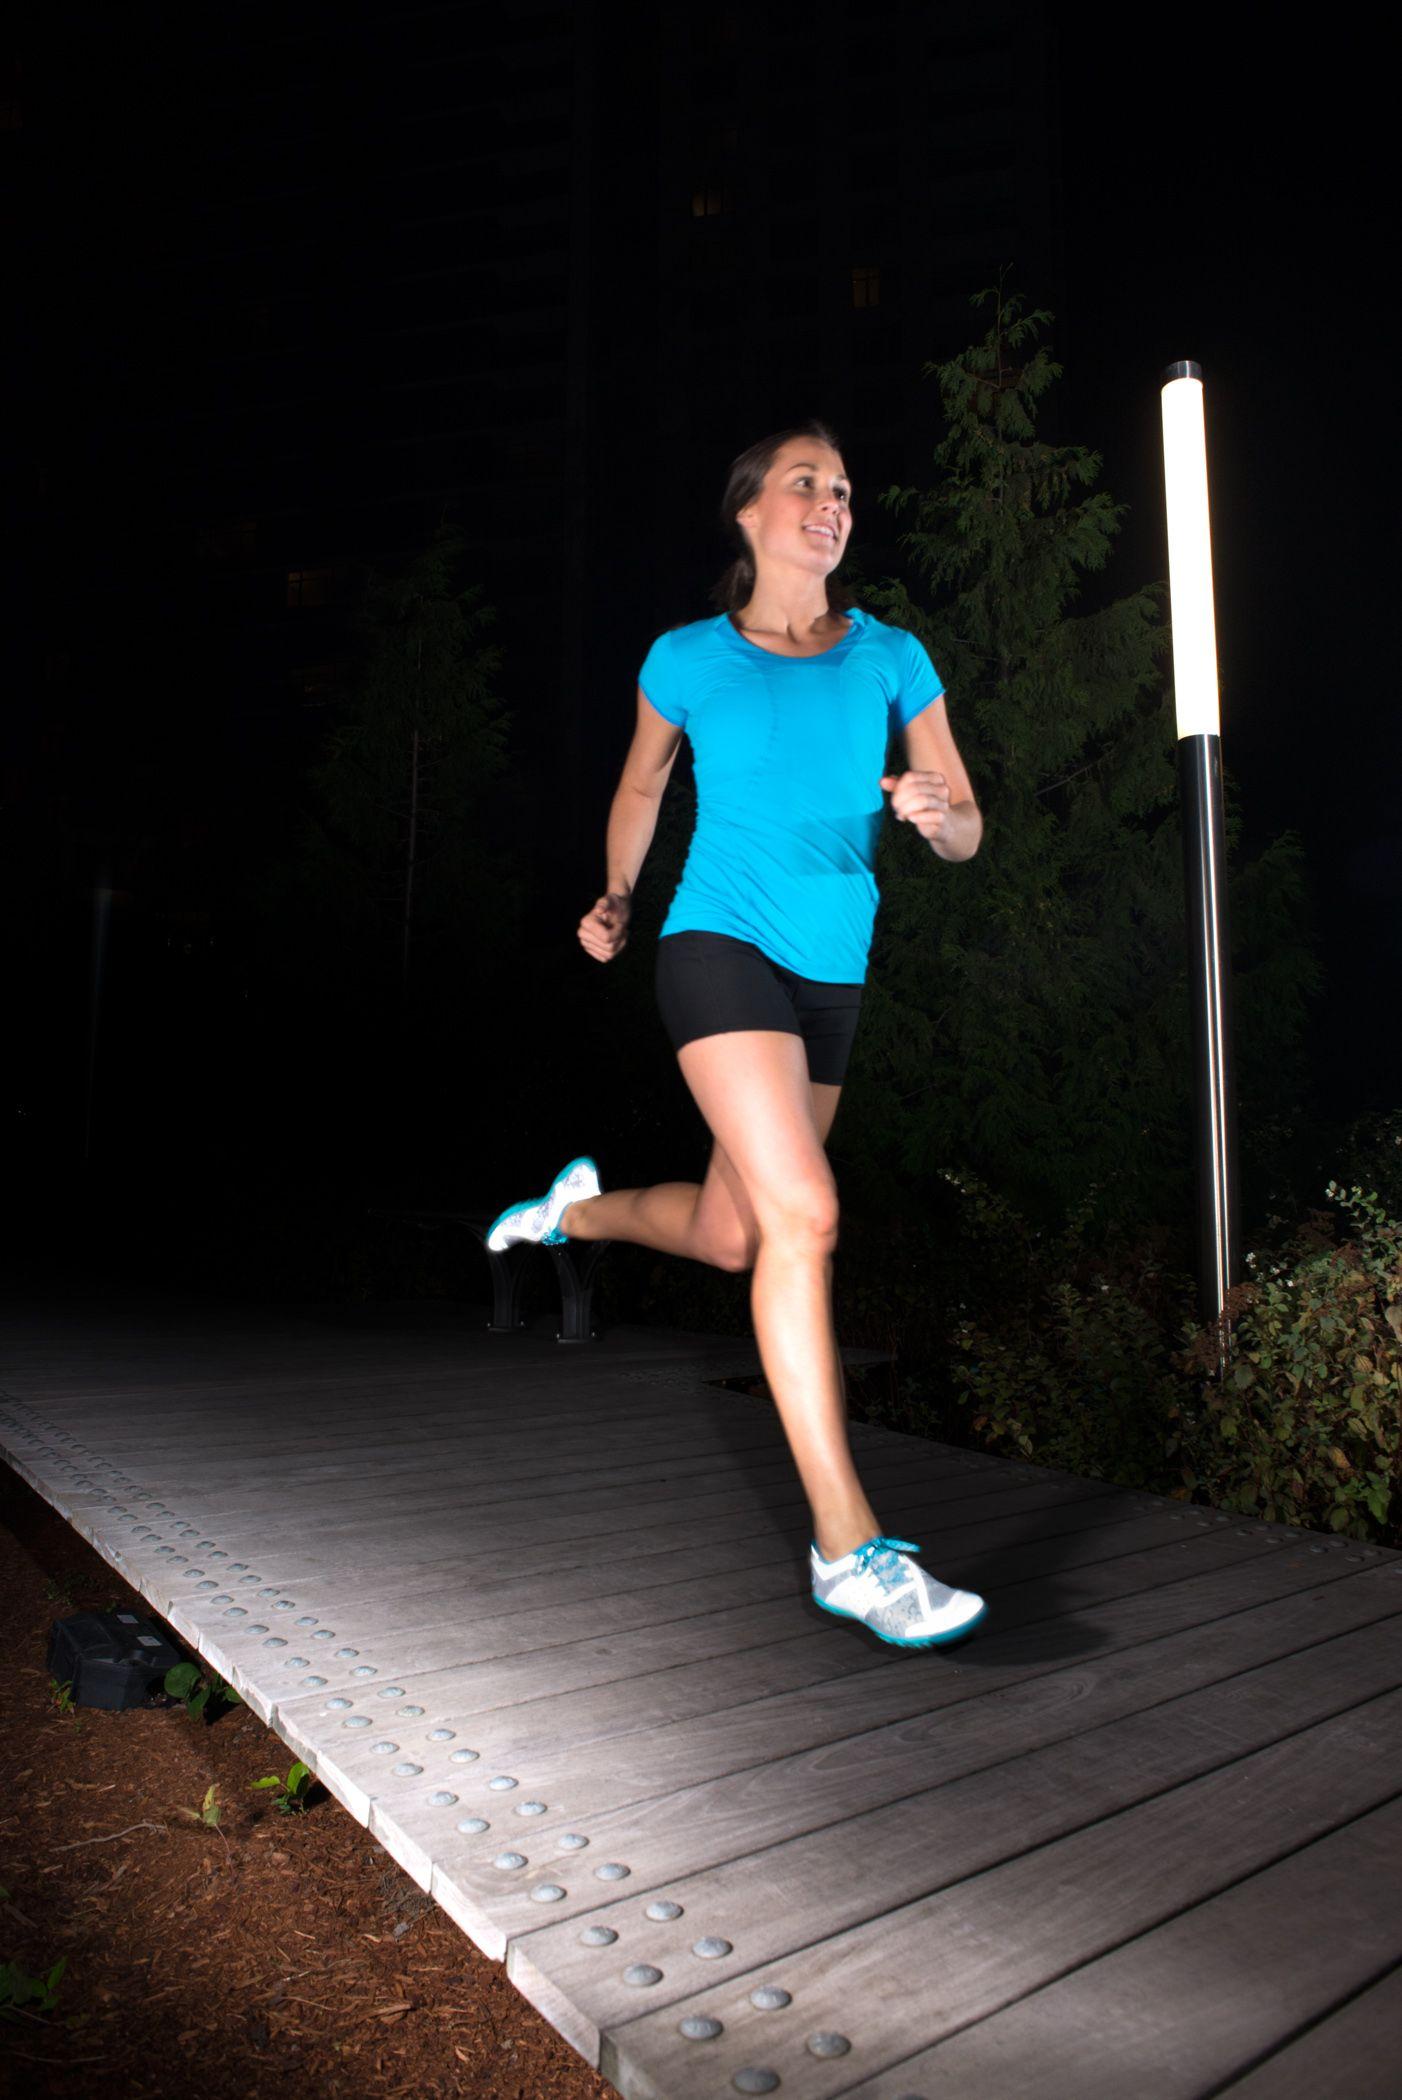 how to fix flat feet running